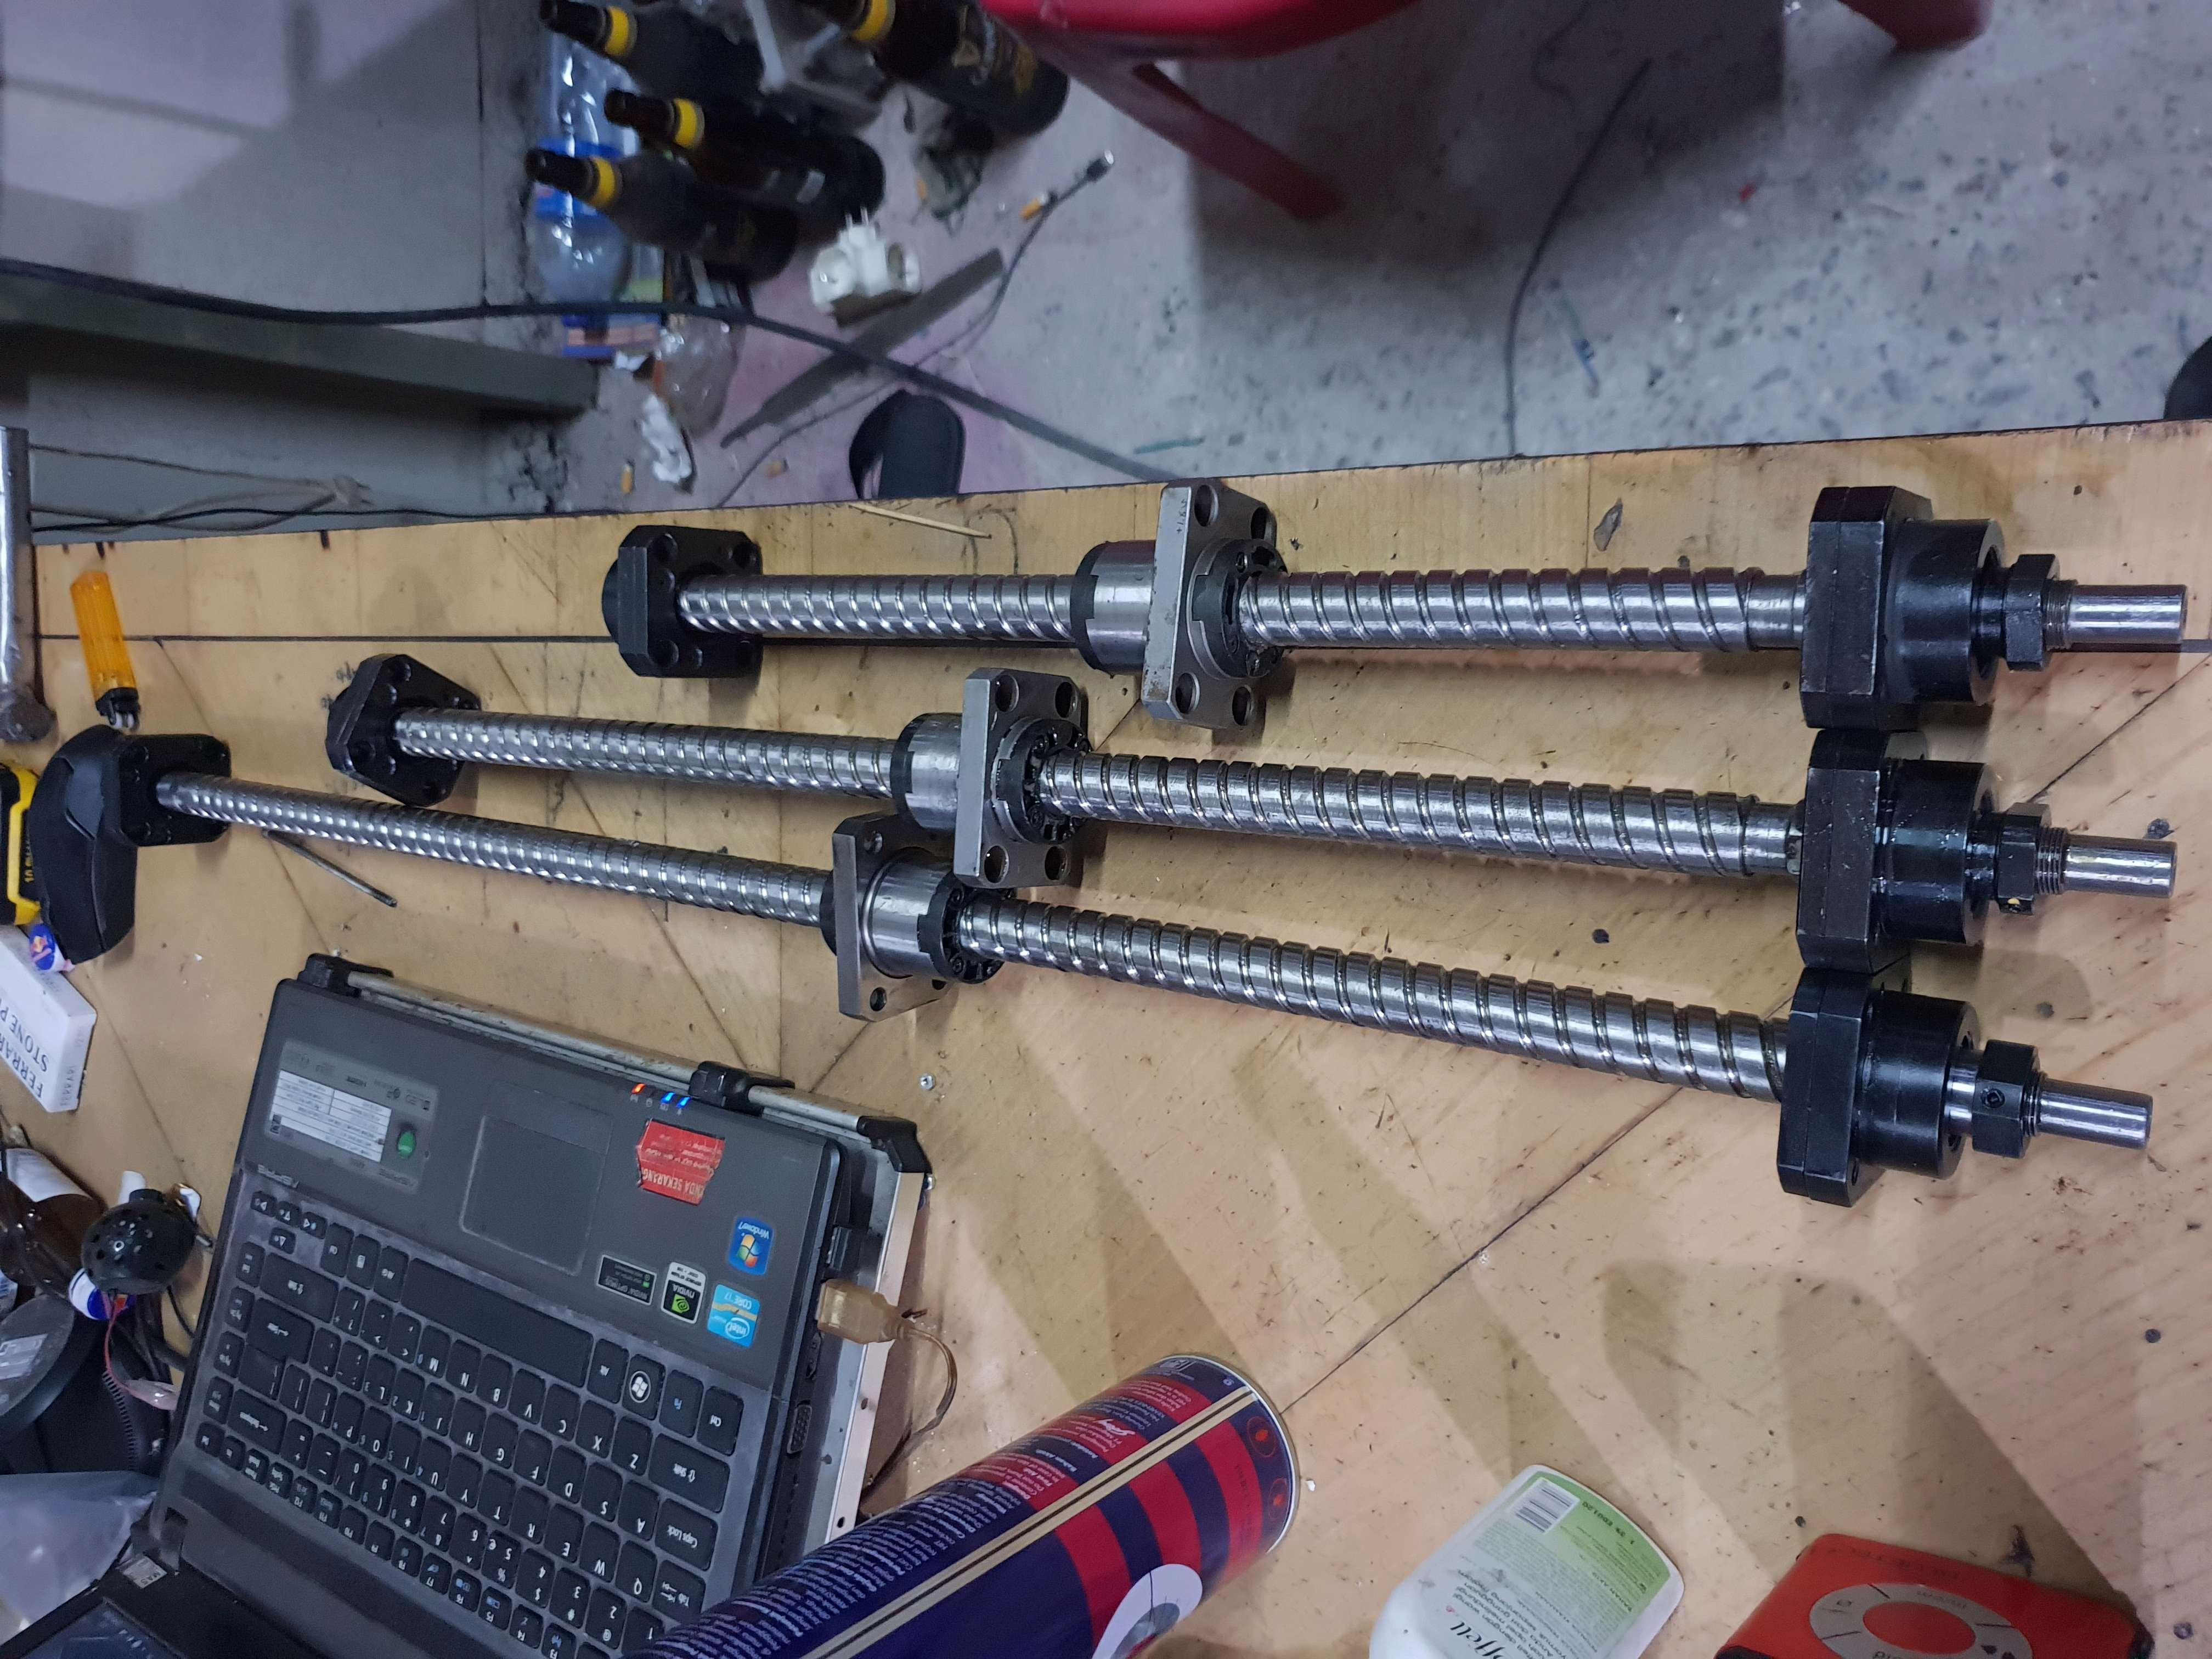 hobi-membuat-mesin-cnc-sendiri-diy-cnc